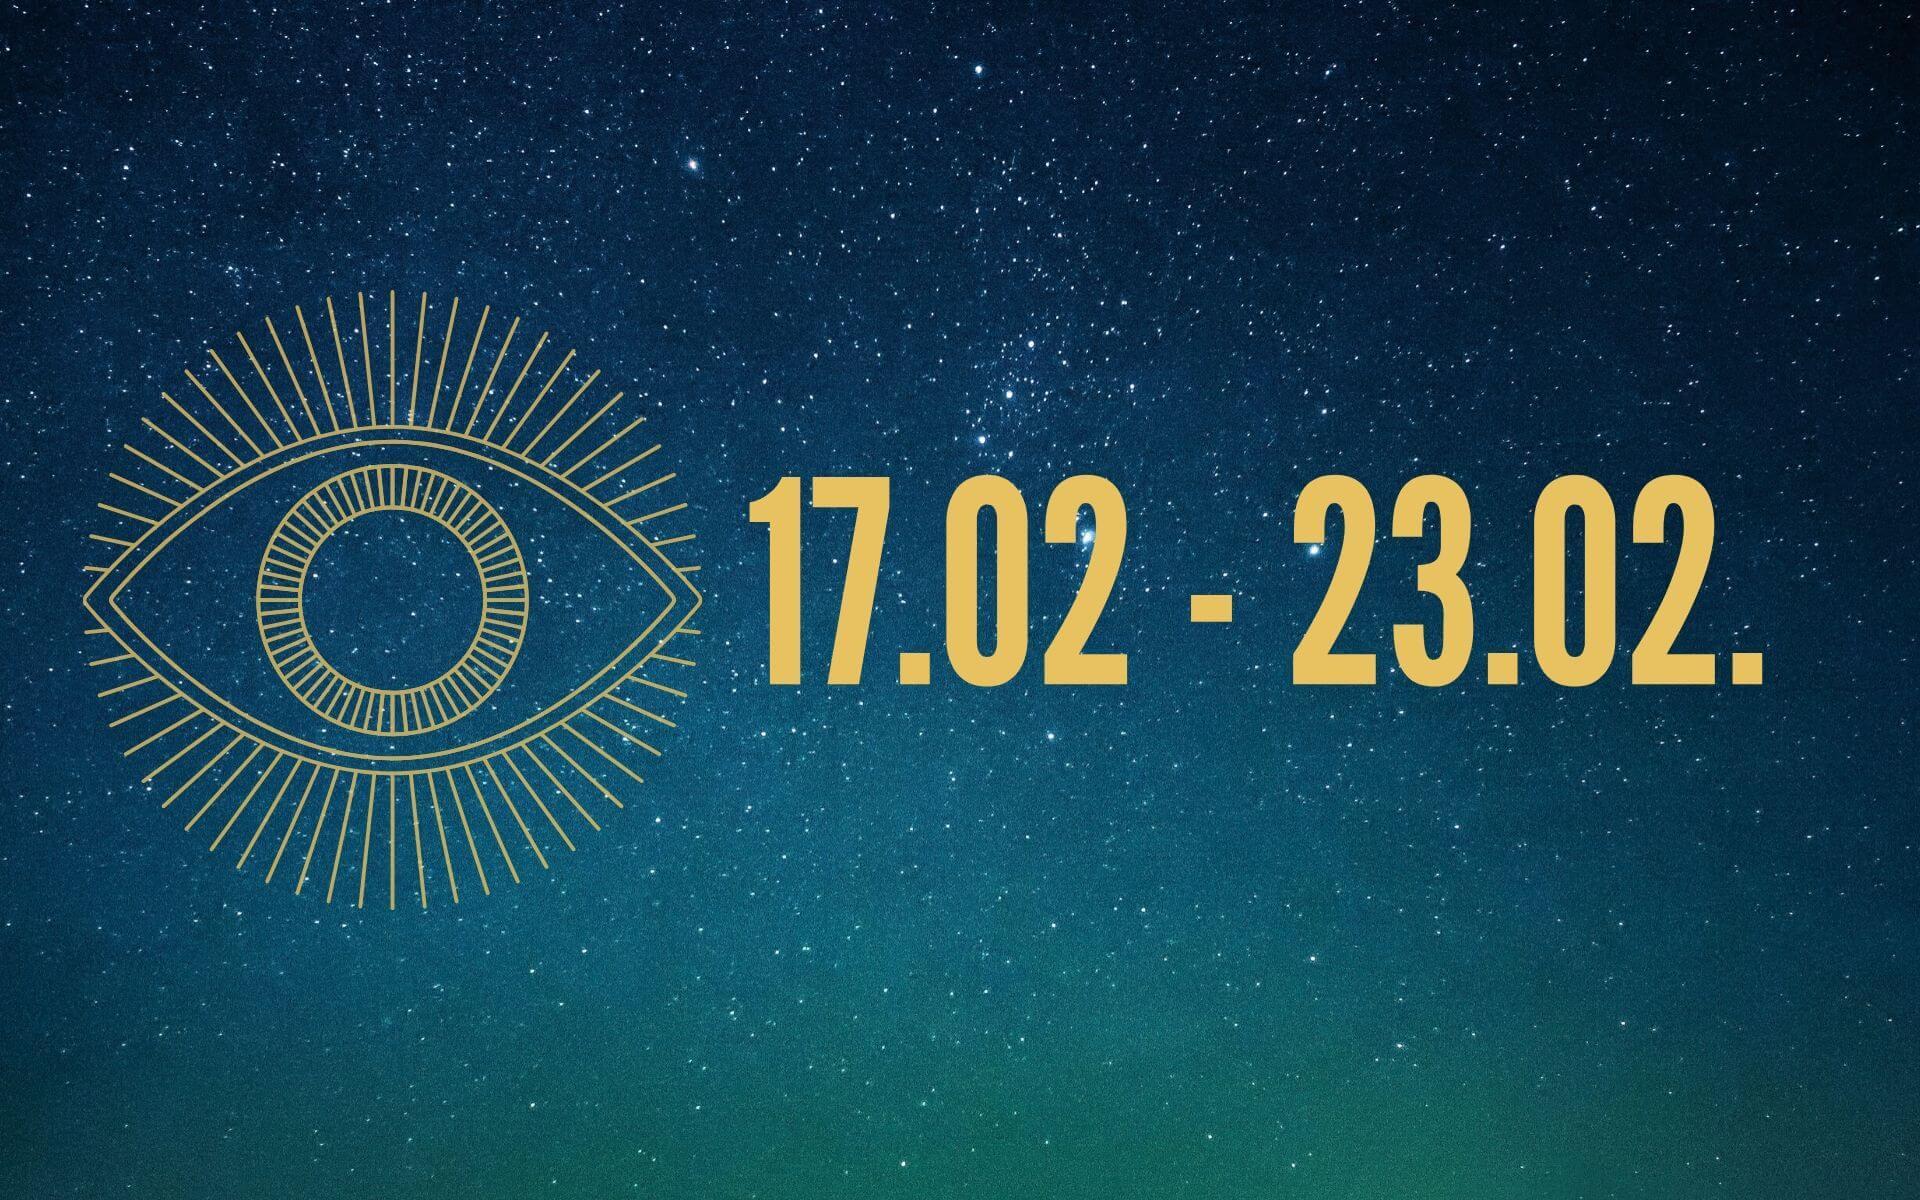 MILAs Liebeshoroskop 17.02. - 23.02. - Was erwartet dein Sternzeichen?